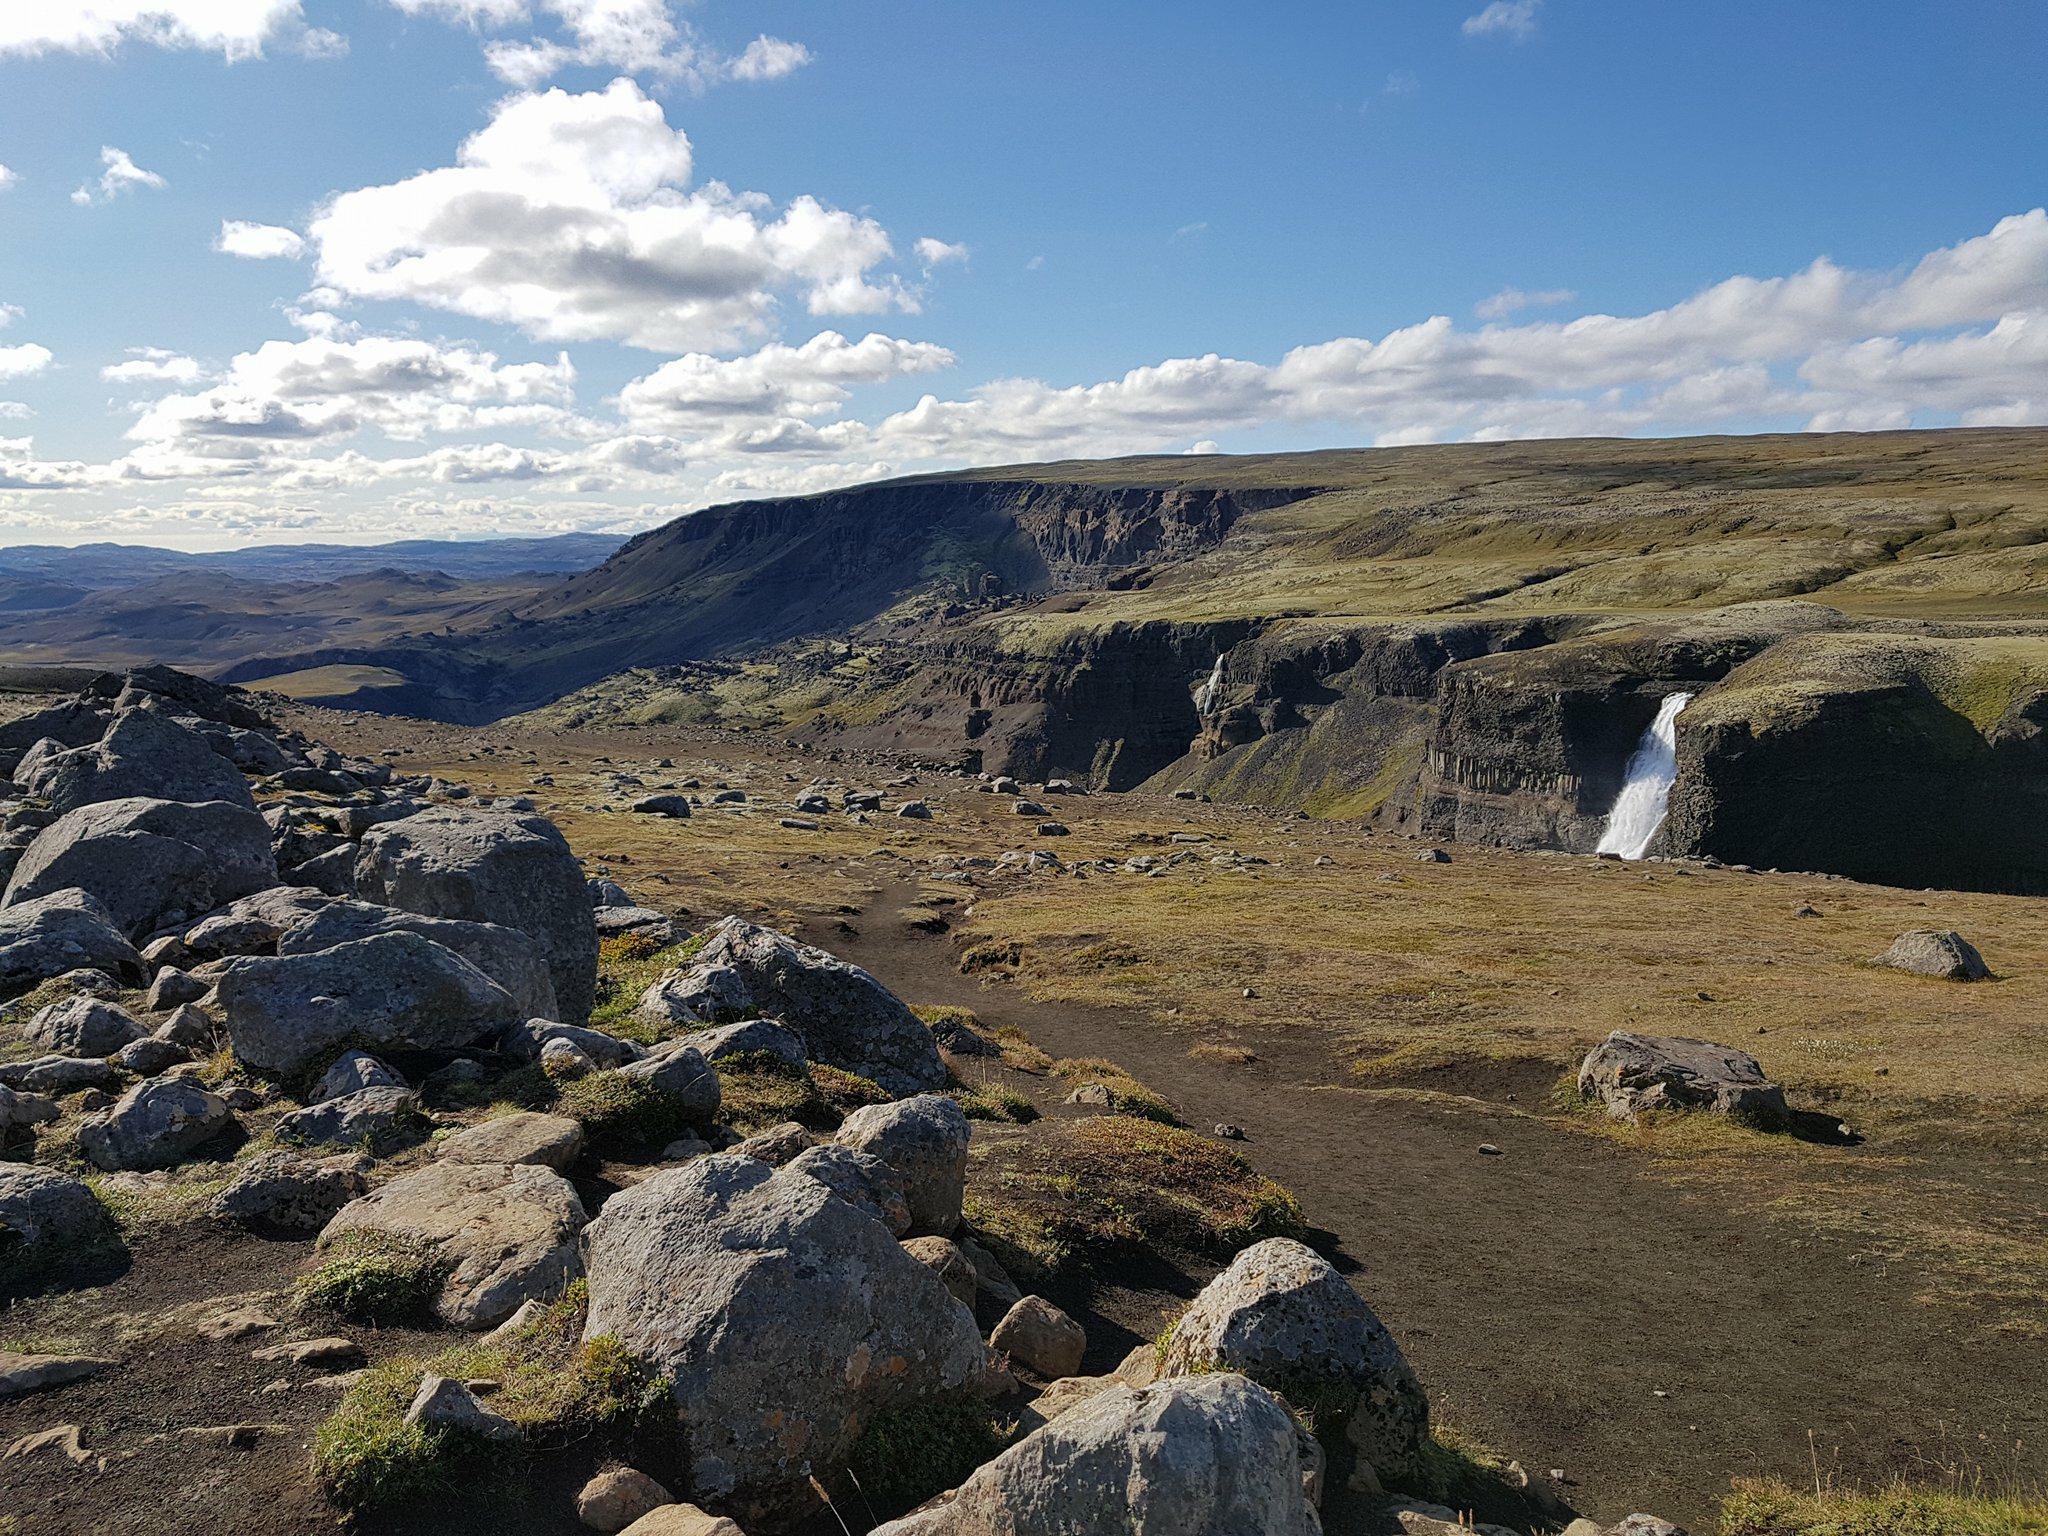 Á laugardeginum verður gengið úr Gjánni upp að Háafossi sem sést glitta í á myndinni.